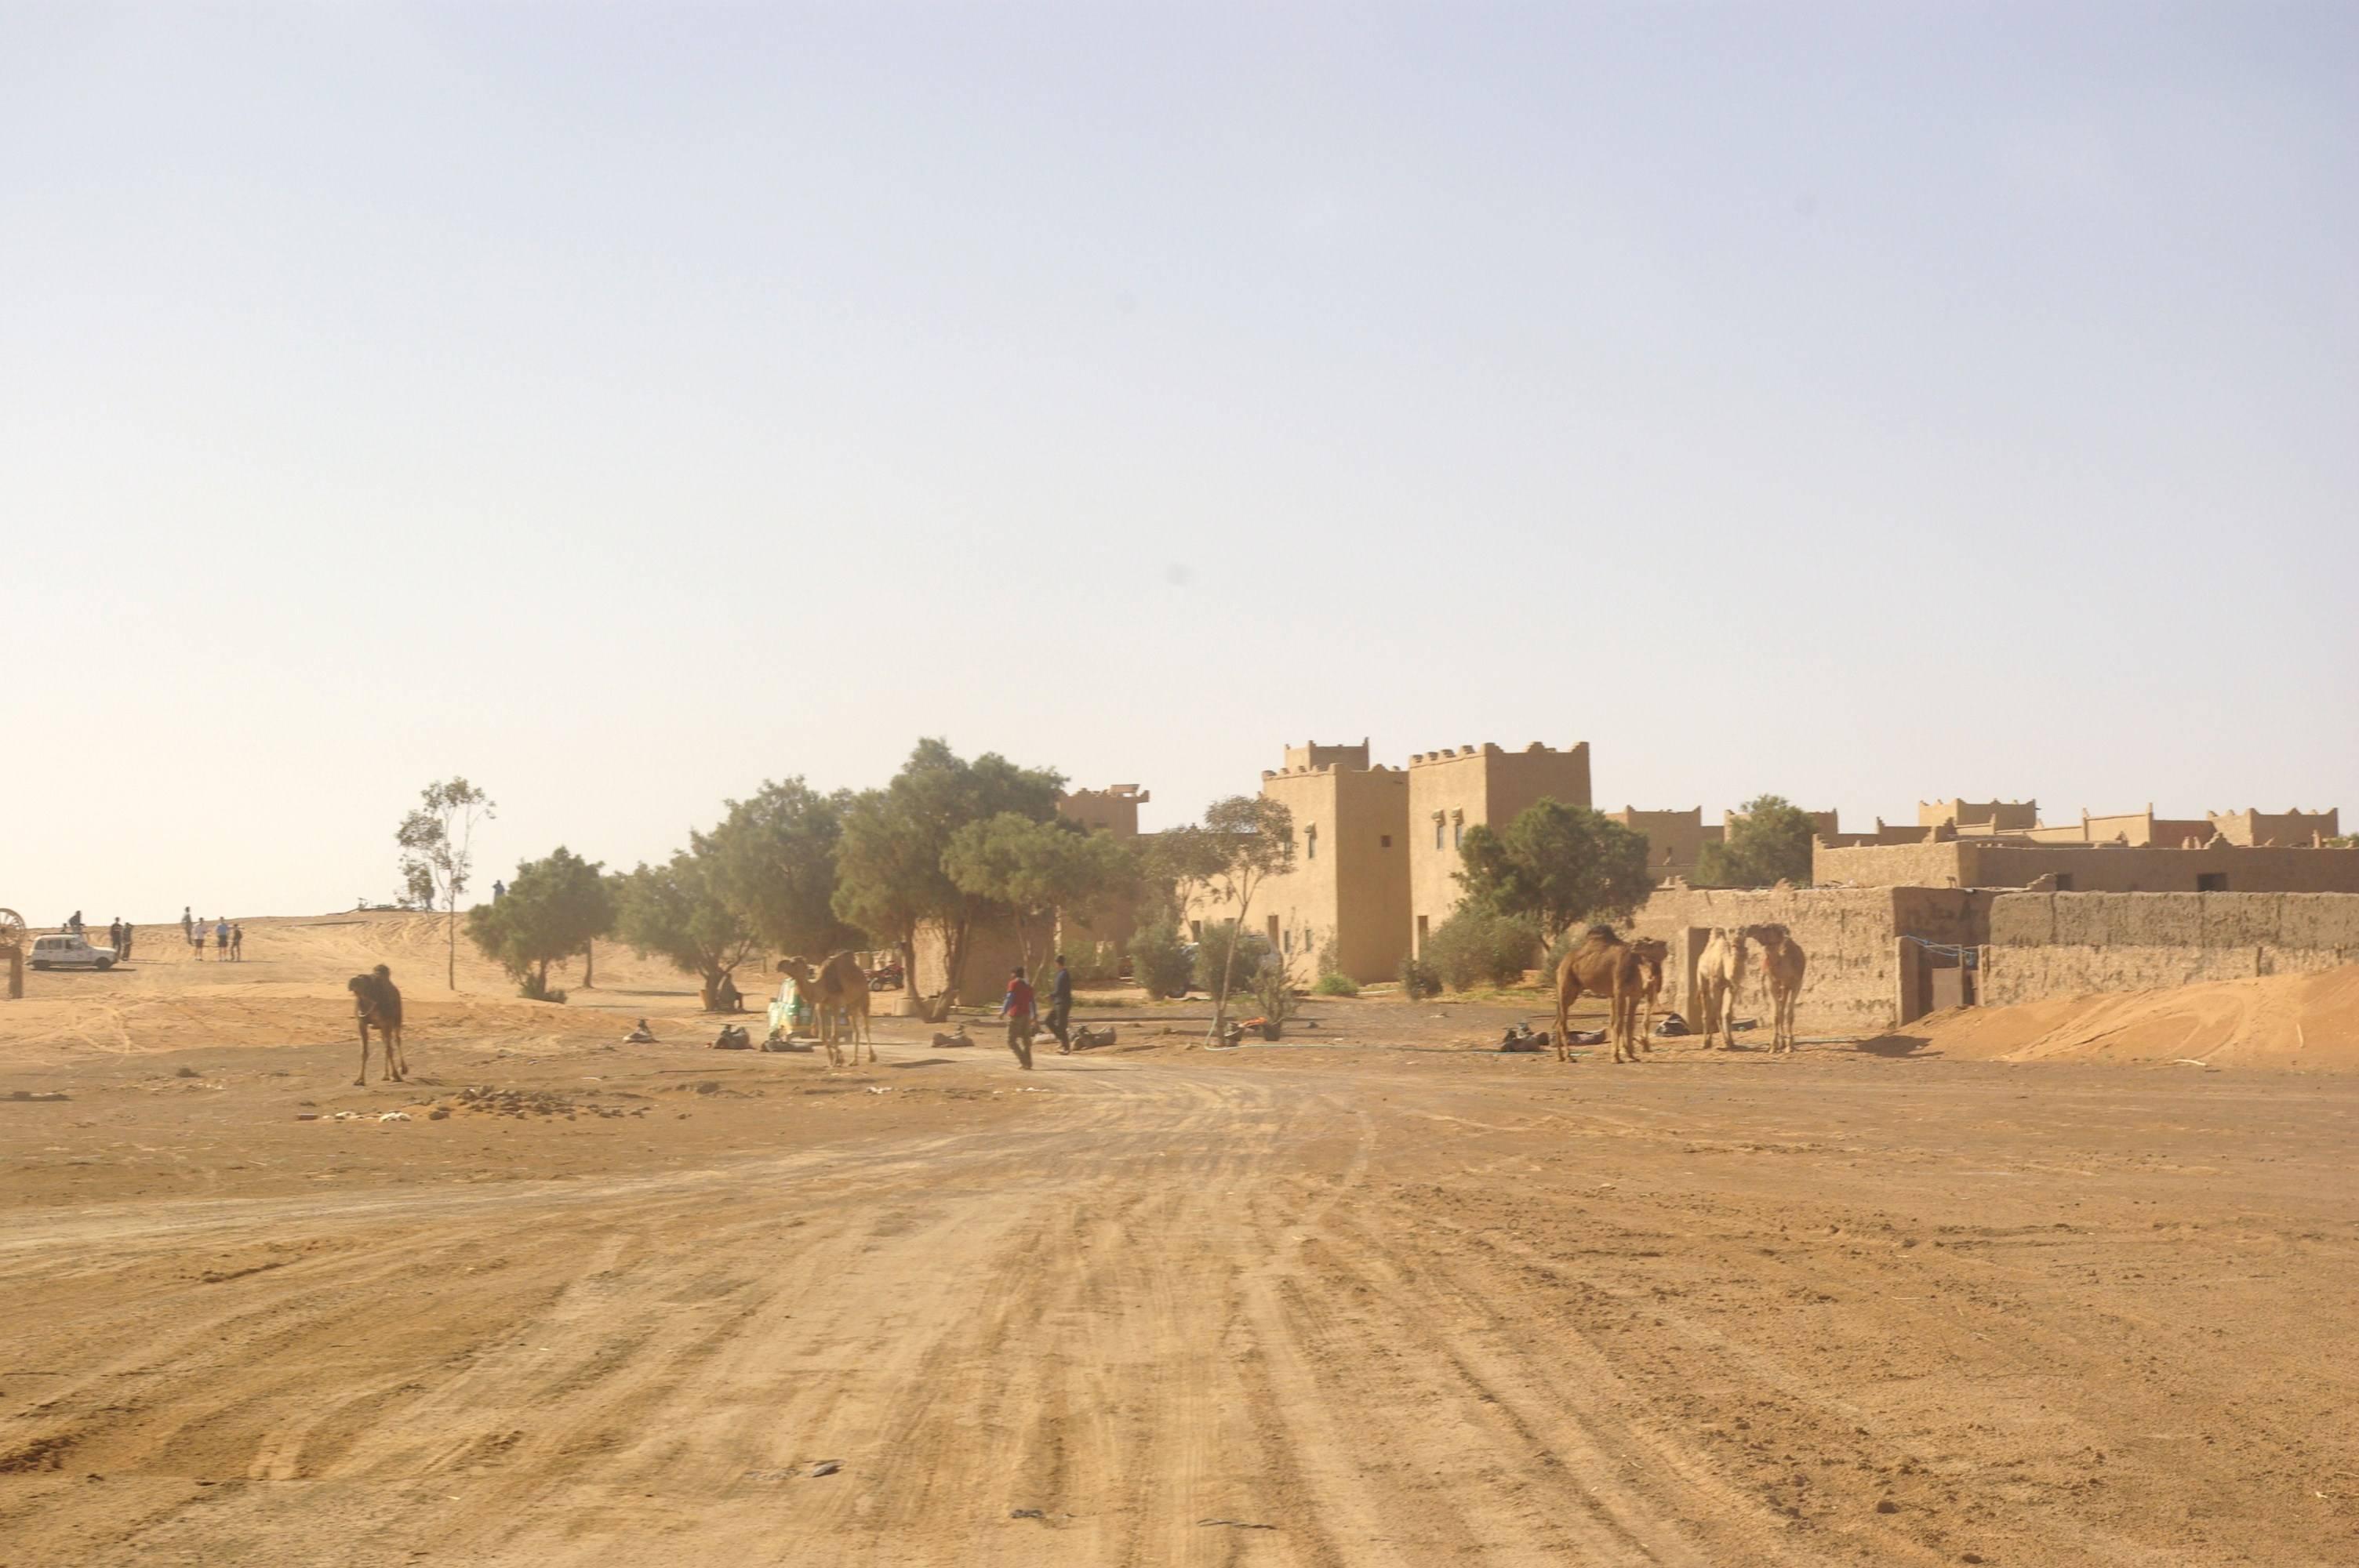 Photo 2: Merzouga, ses dunes et ses dromadaires